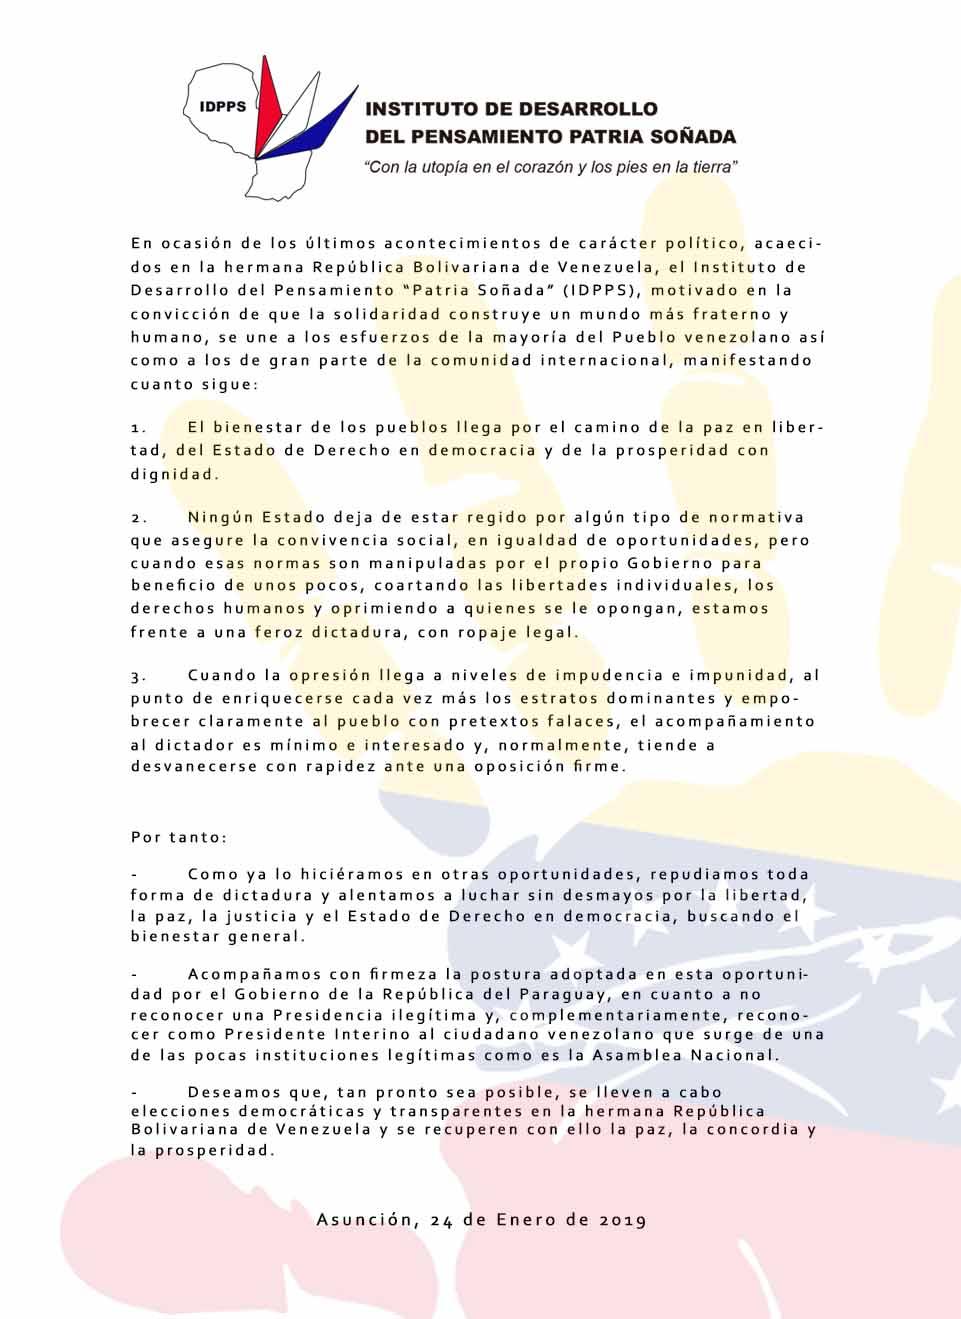 Sobre Situación en Venezuela